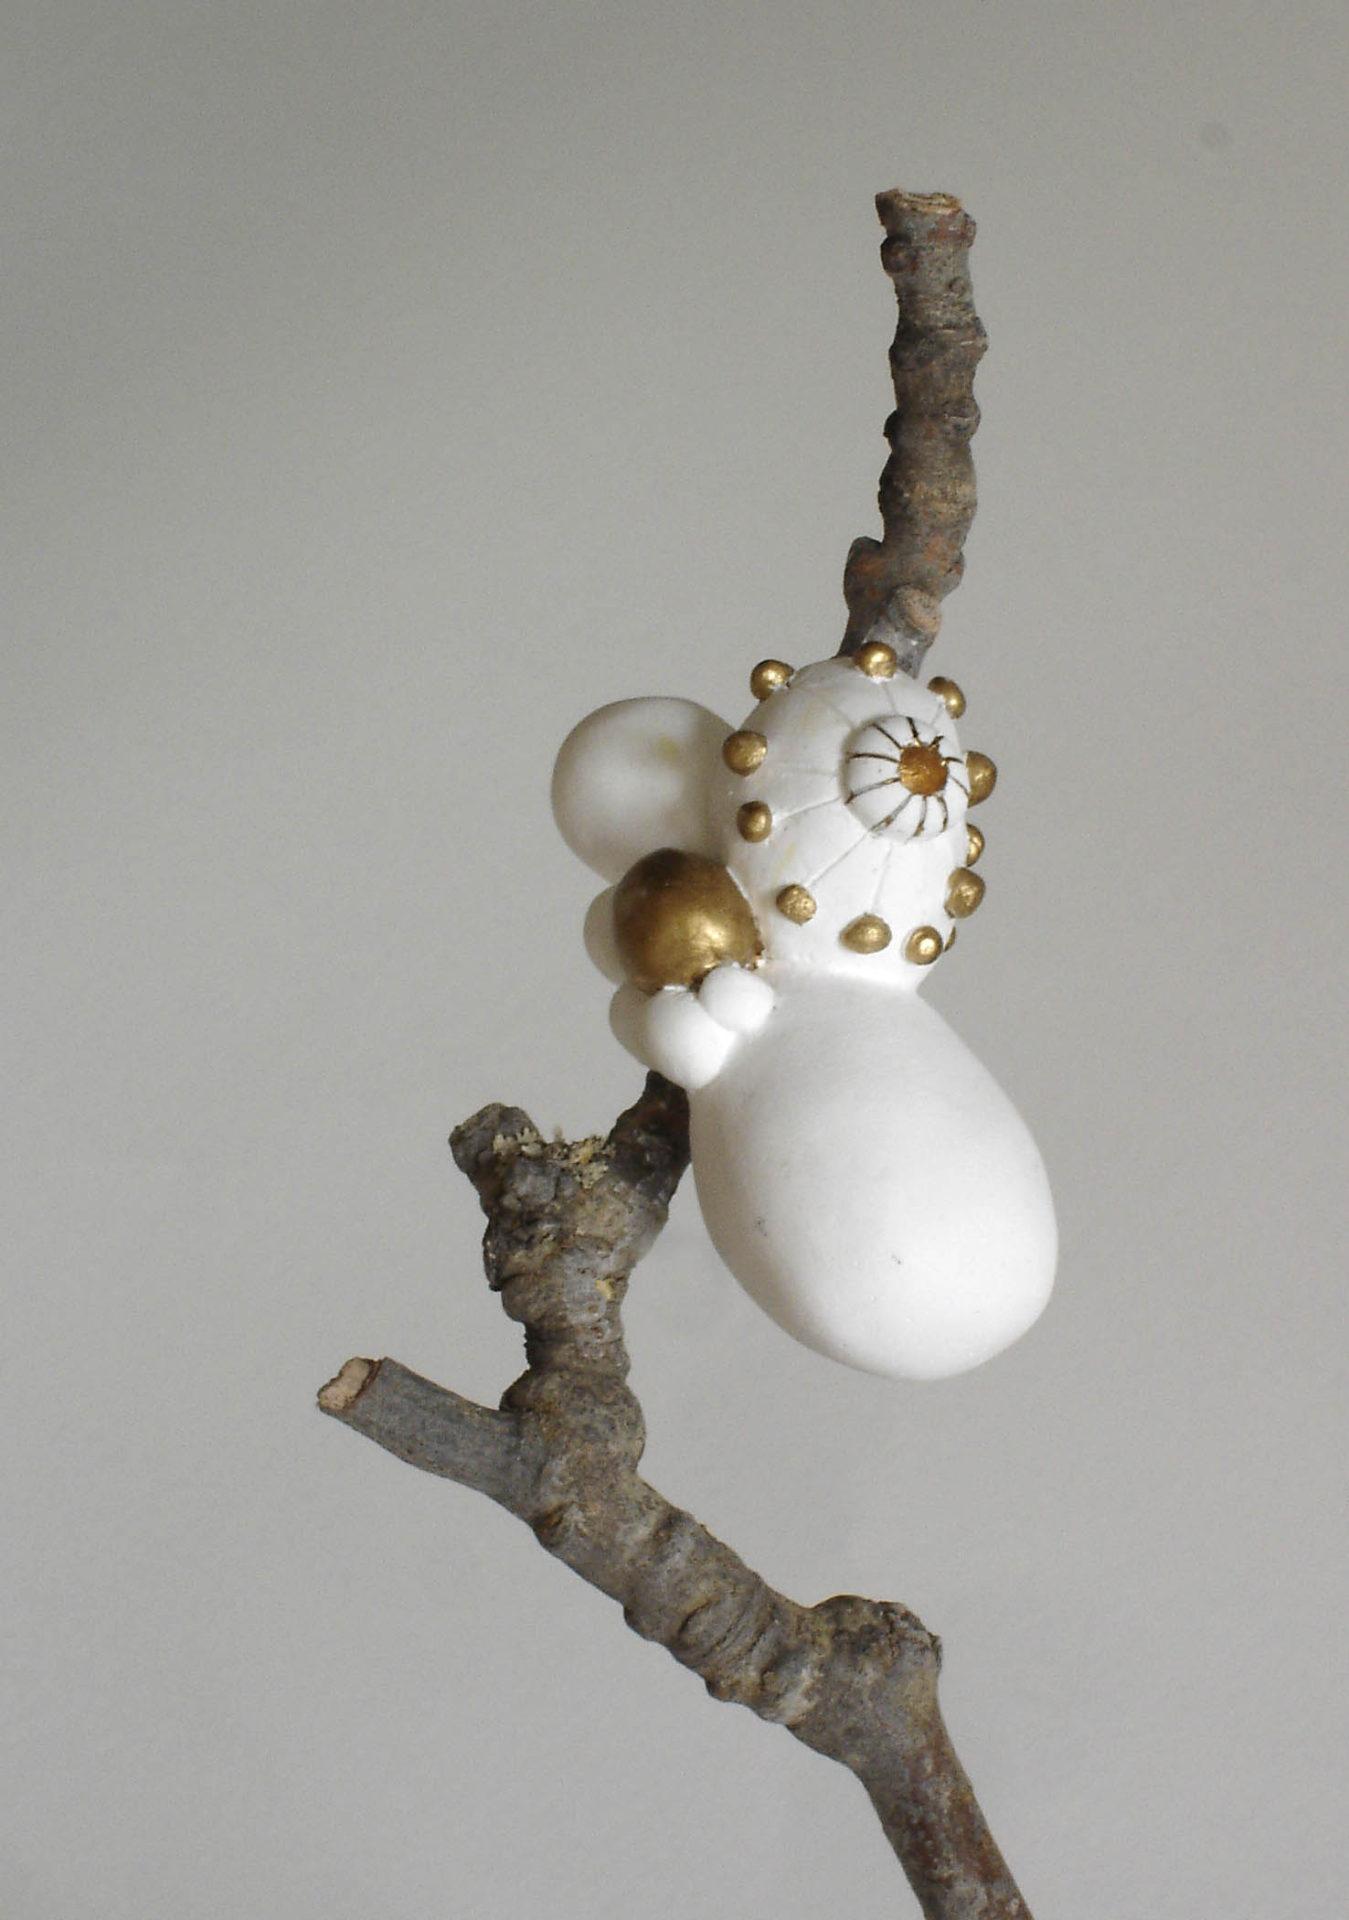 sculpture branche arbre blanc doré plâtre